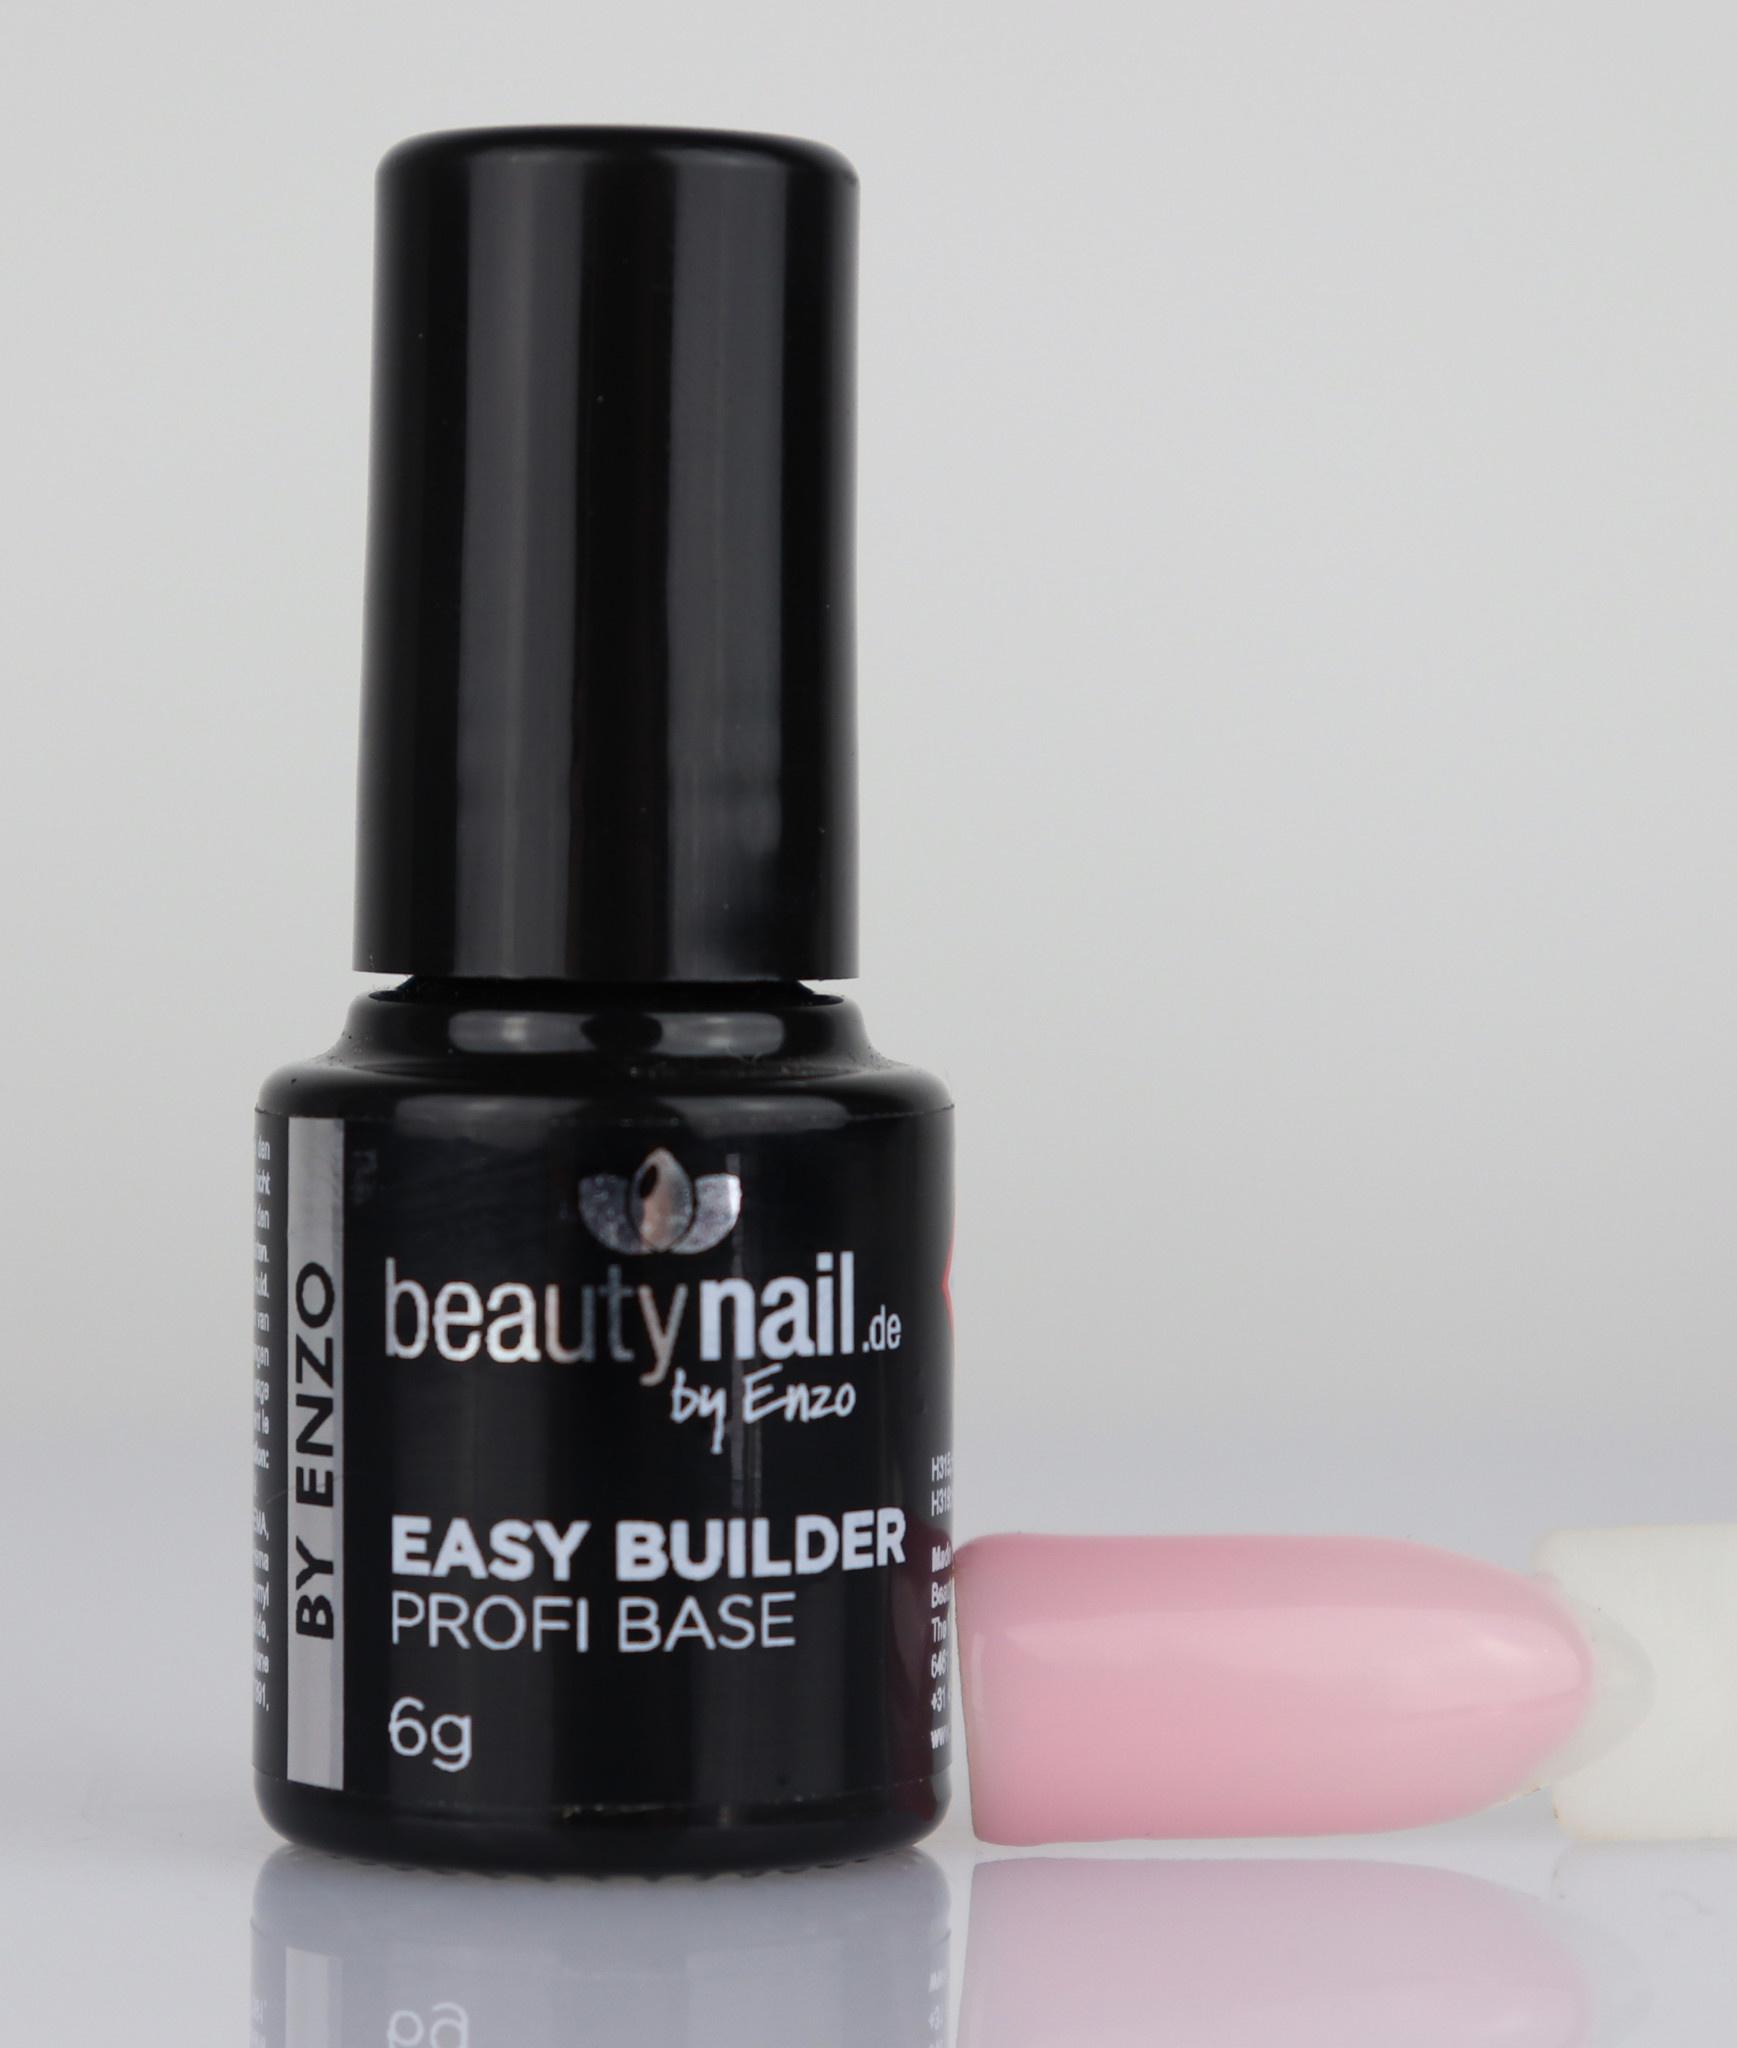 Easy Builder - Profi Base | Erhältlich in 6 Farben-7